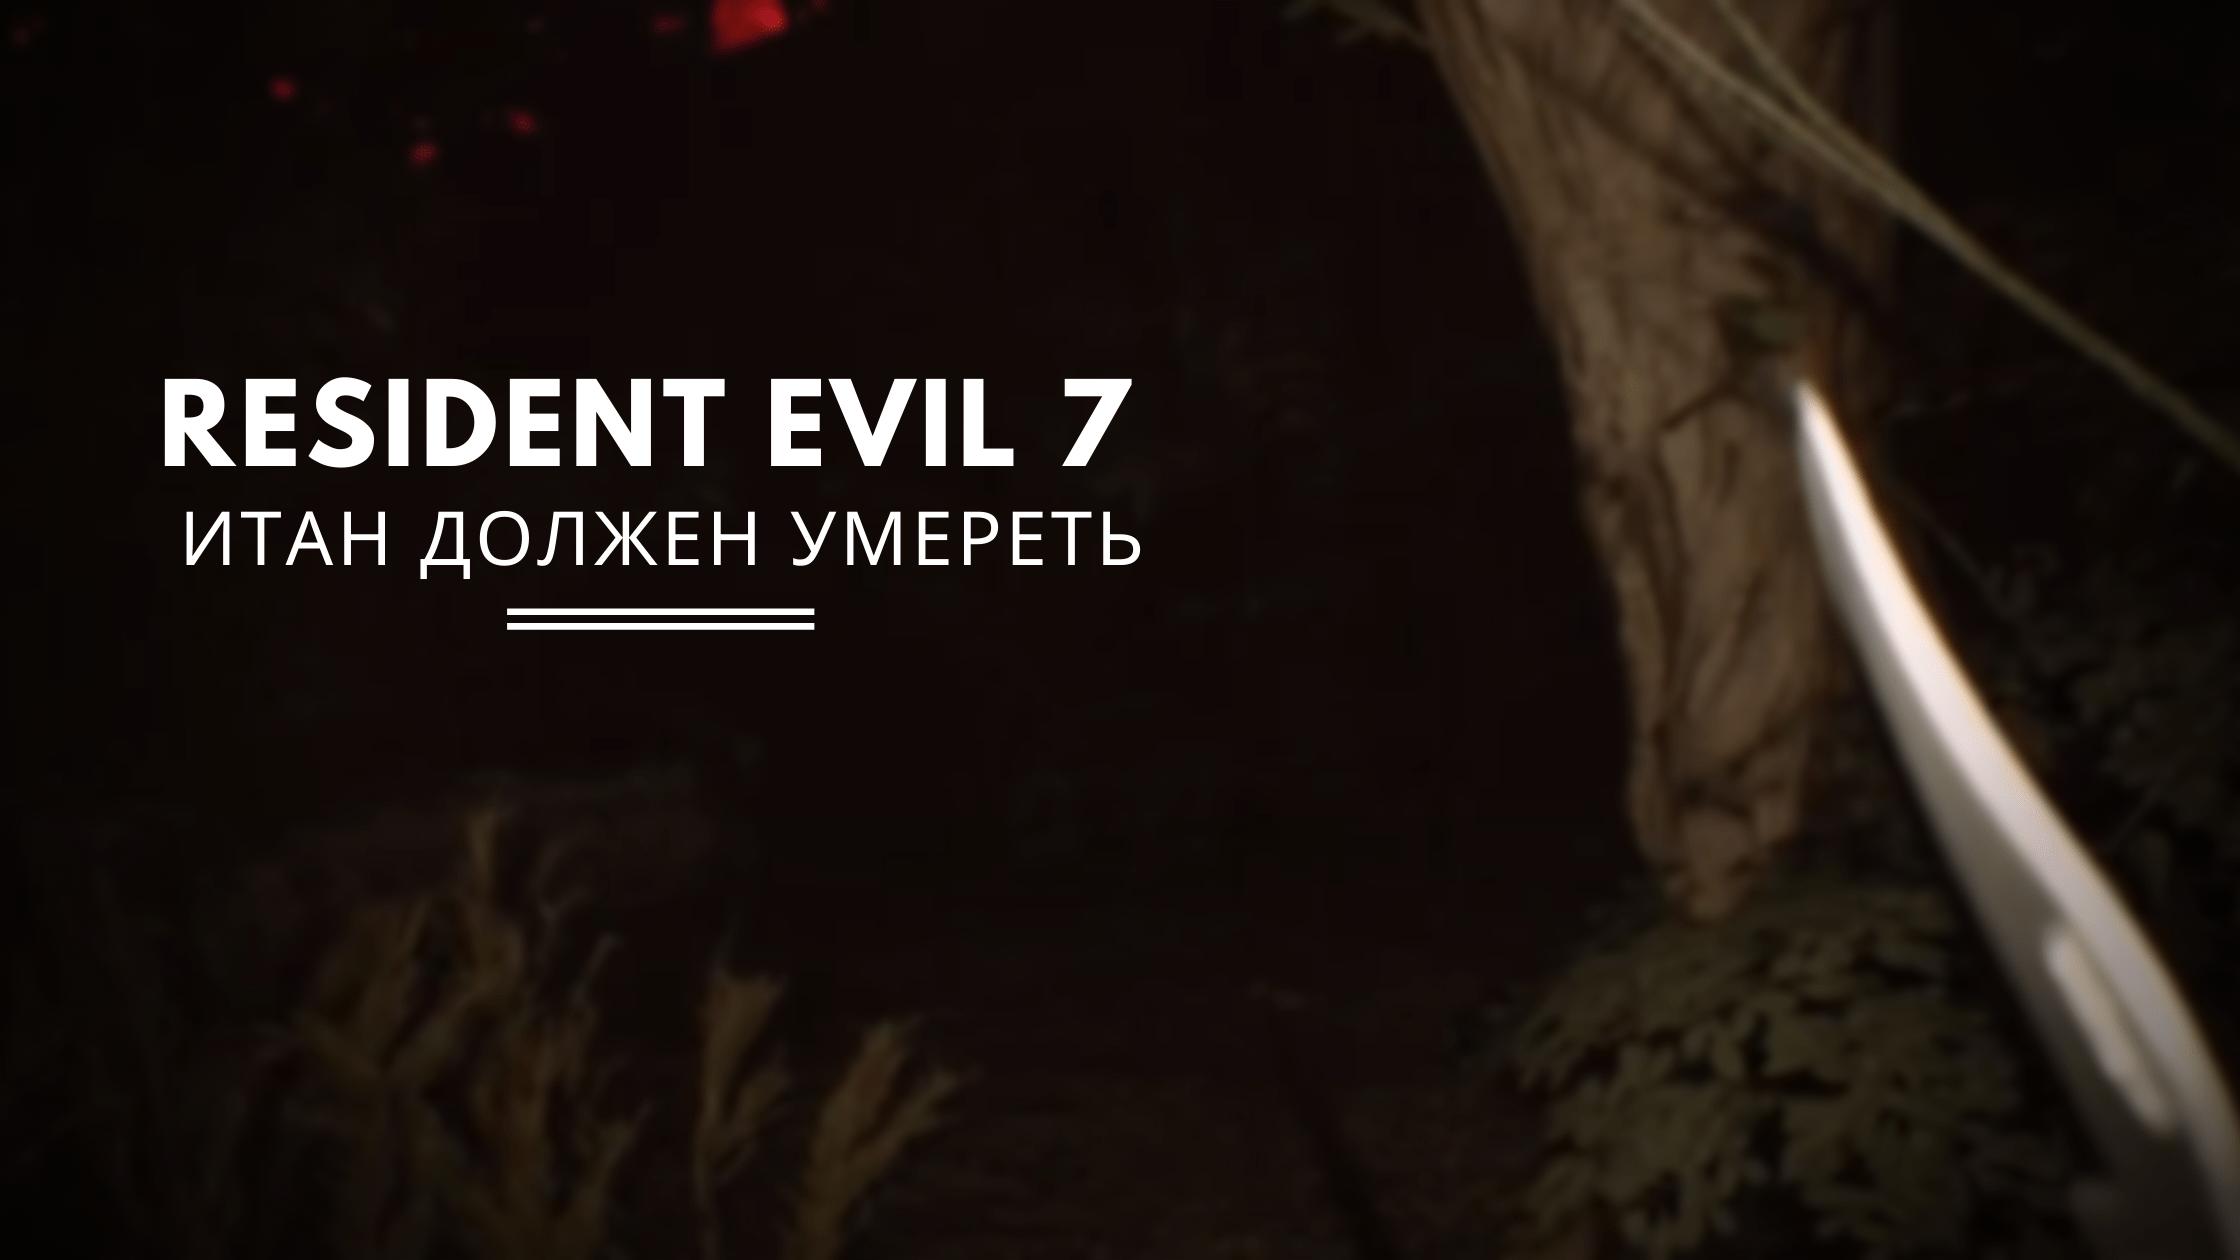 Resident Evil 7: Итан должен умереть